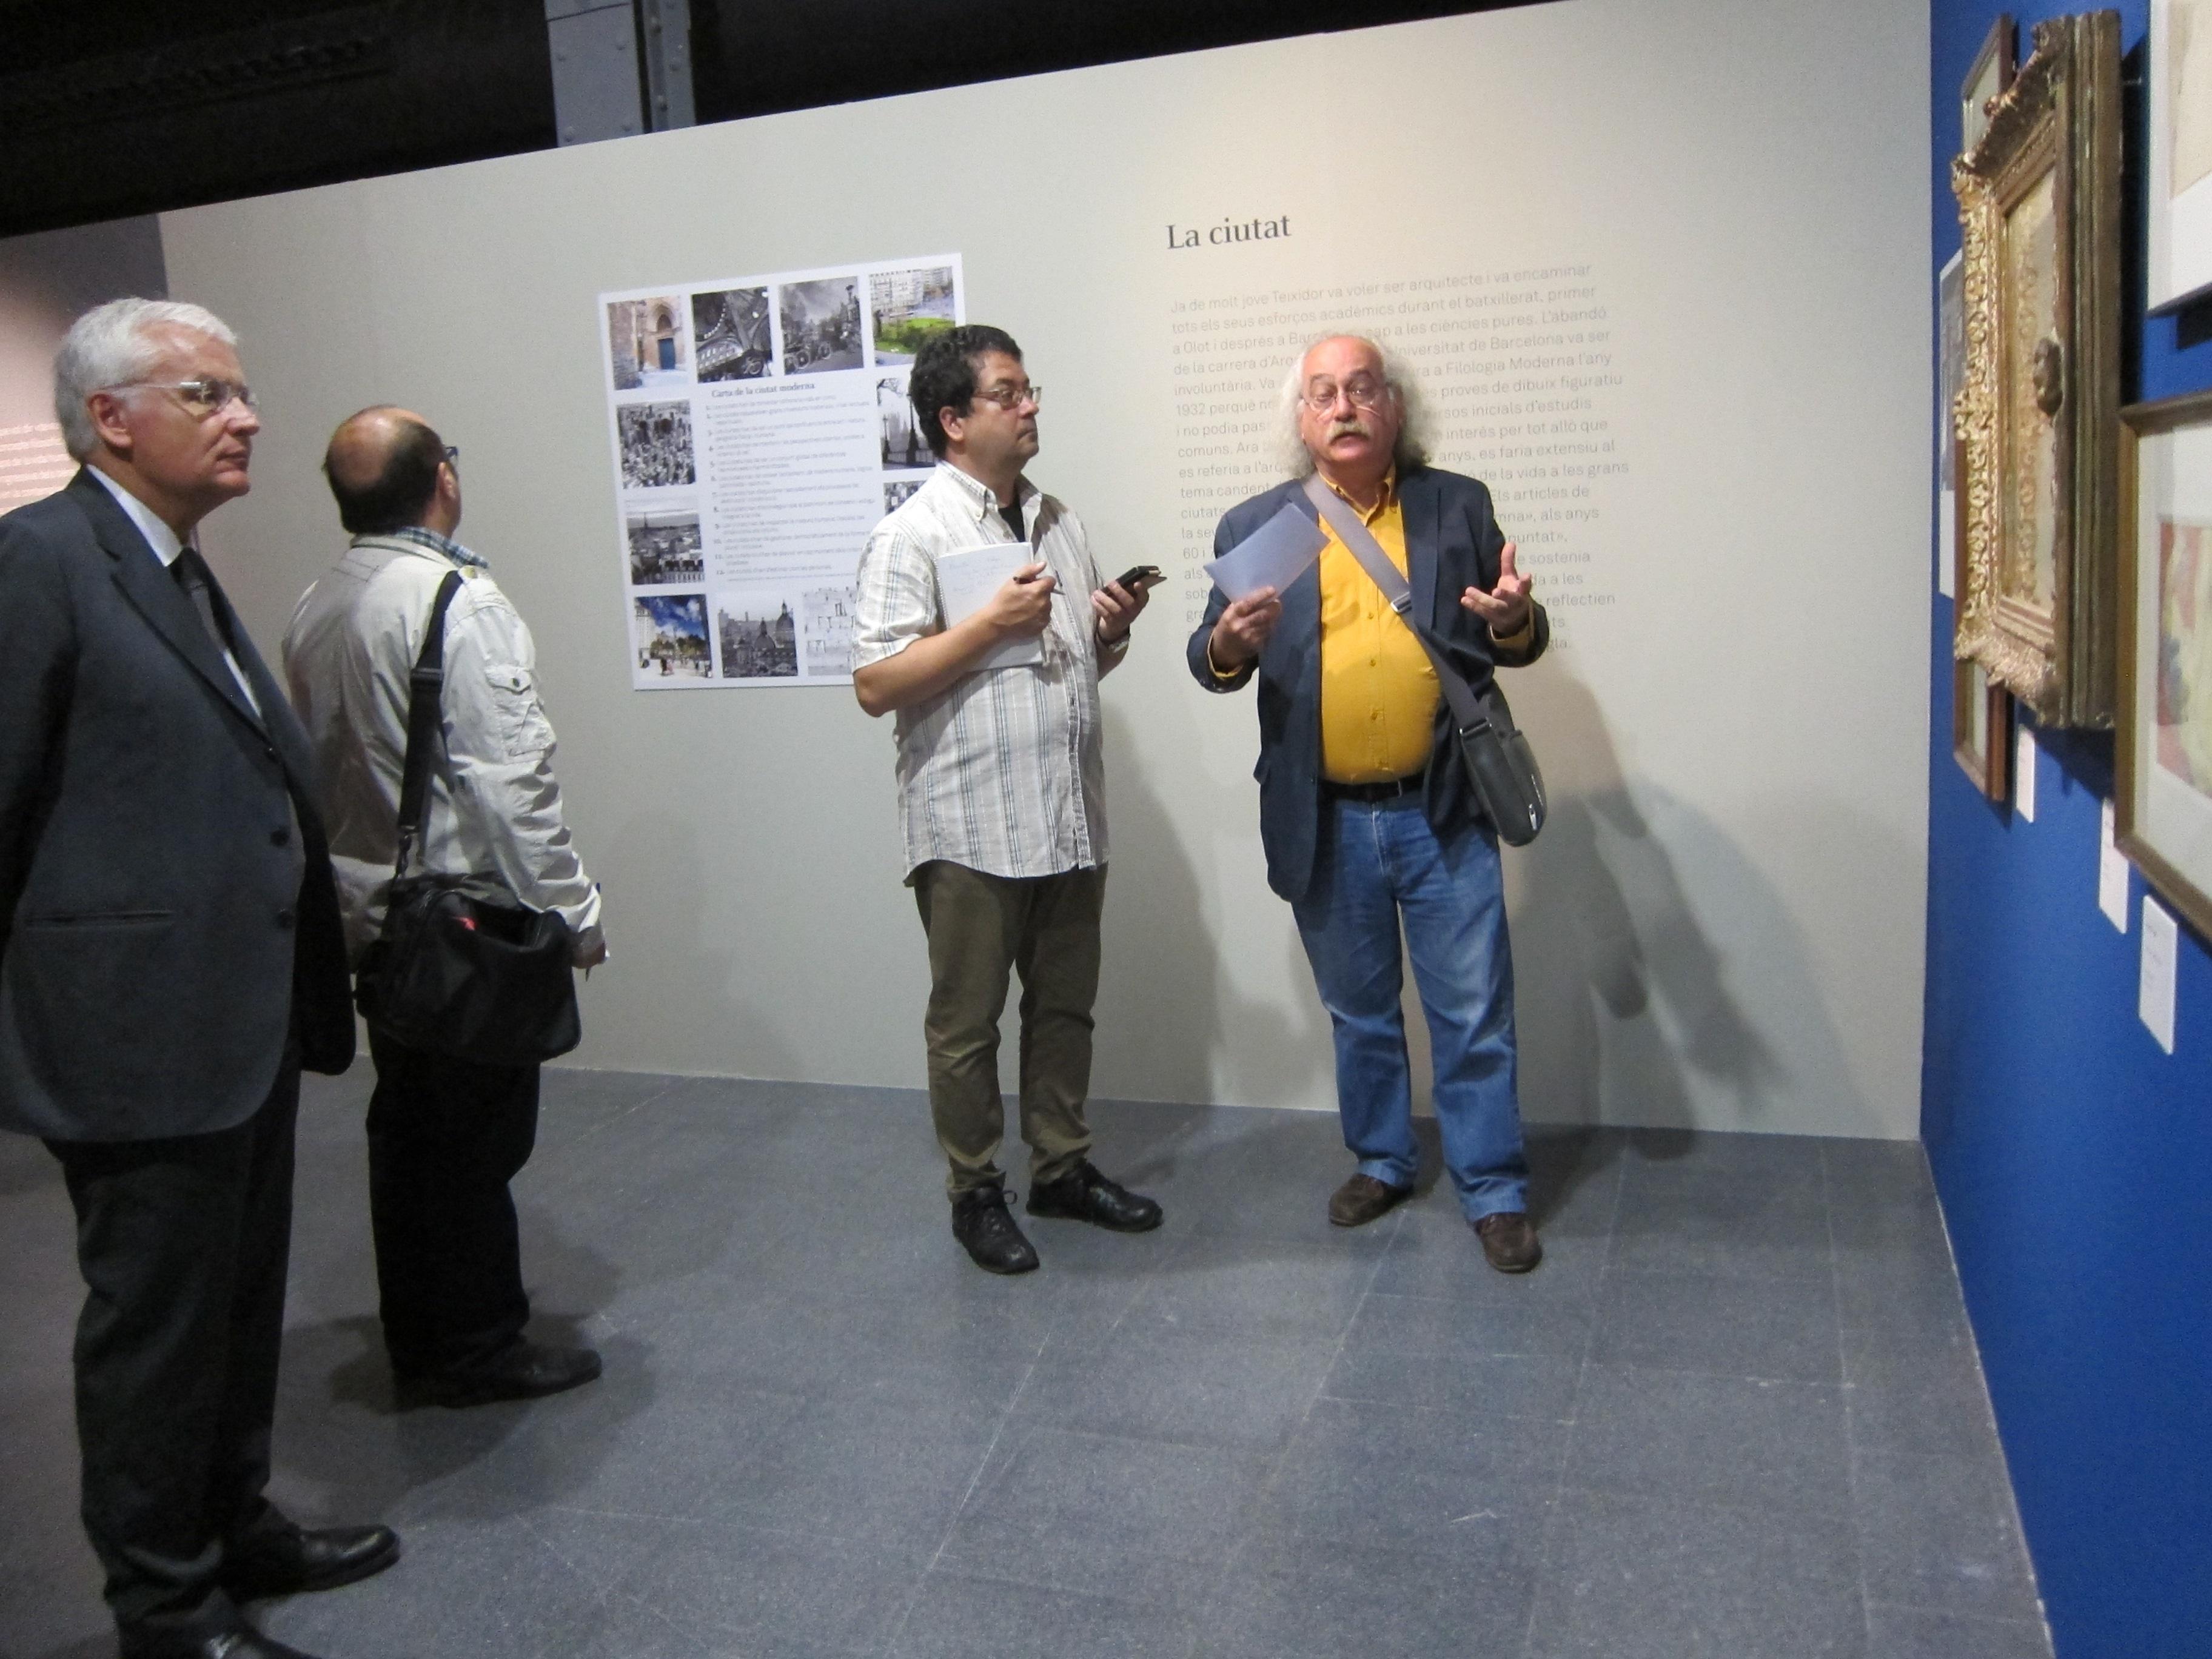 El MHC rescata al poeta Joan Teixidor y corrige sus «nubes negras» en una exposición